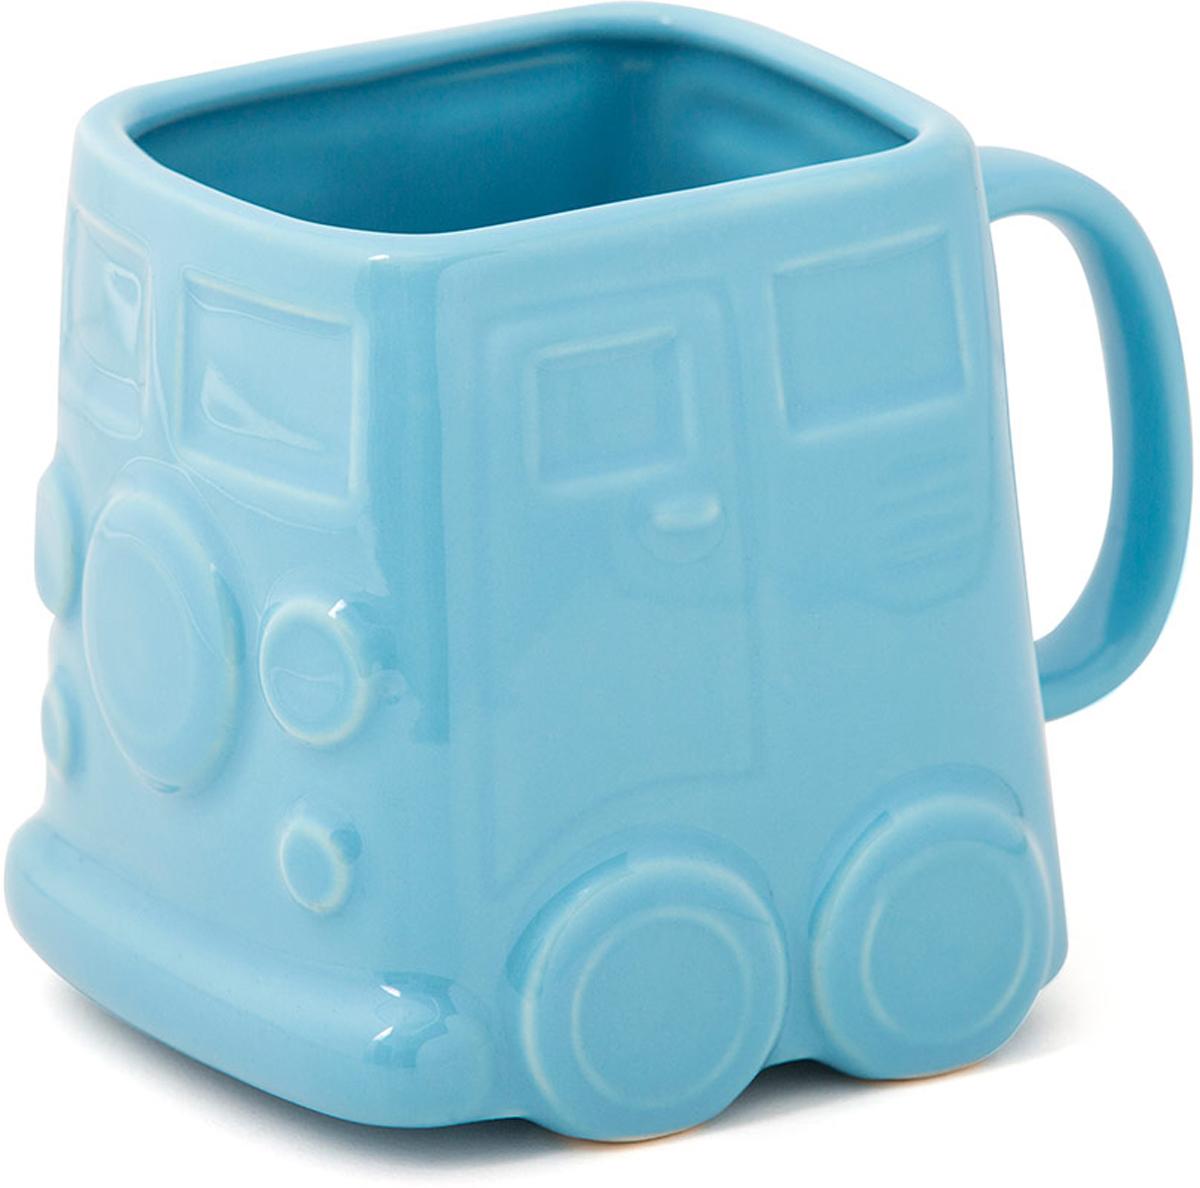 Кружка Balvi Van, цвет: синий26642Оригинальная кружка Van от известного производителя Balvi отлично подойдет всем любителям стильных аксессуаров для своей кухни. Кружка синего цвета выполнена в необычной прямоугольной форме и оформлена в виде забавного хиппи-фургона на колесах. Коллекционеры и просто любители необычных кружек обязательно оценят данную модель от испанских дизайнеров. Керамический материал обеспечивает необходимую прочность, и способствует тому, чтобы напиток не обжигал, но при этом долго сохранял тепло.- Оригинальный дизайн хиппи-фургончика 60-х годов XX века- Детализированная проработка внешнего вида- Яркий насыщенный цвет- Отличный подарок коллекционерам и просто любителям стильных вещей